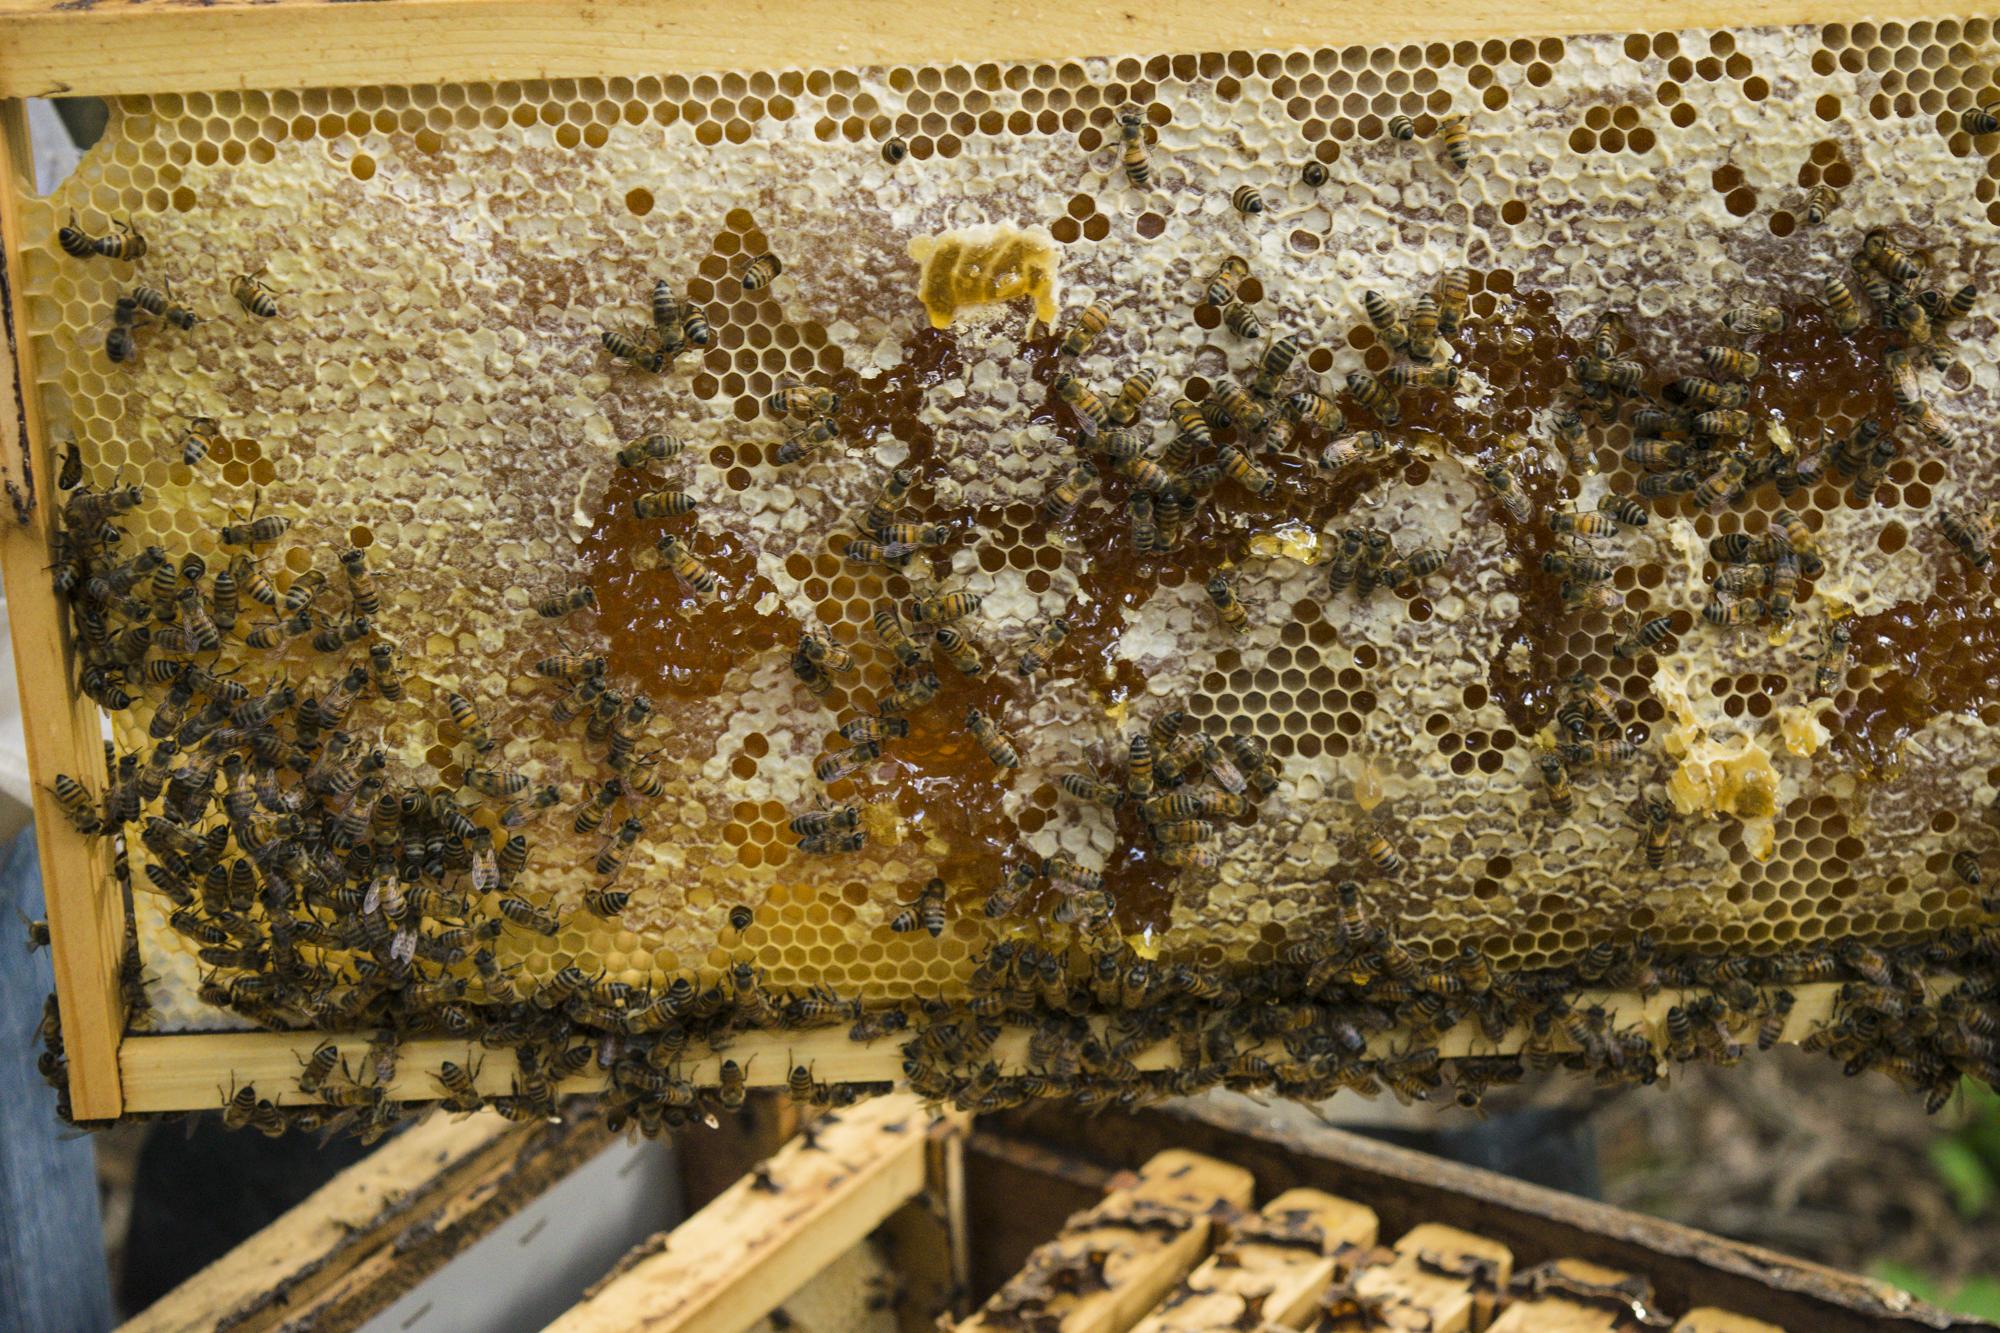 фотографиями пчеловод улей пчелы картинки перилах лестнице